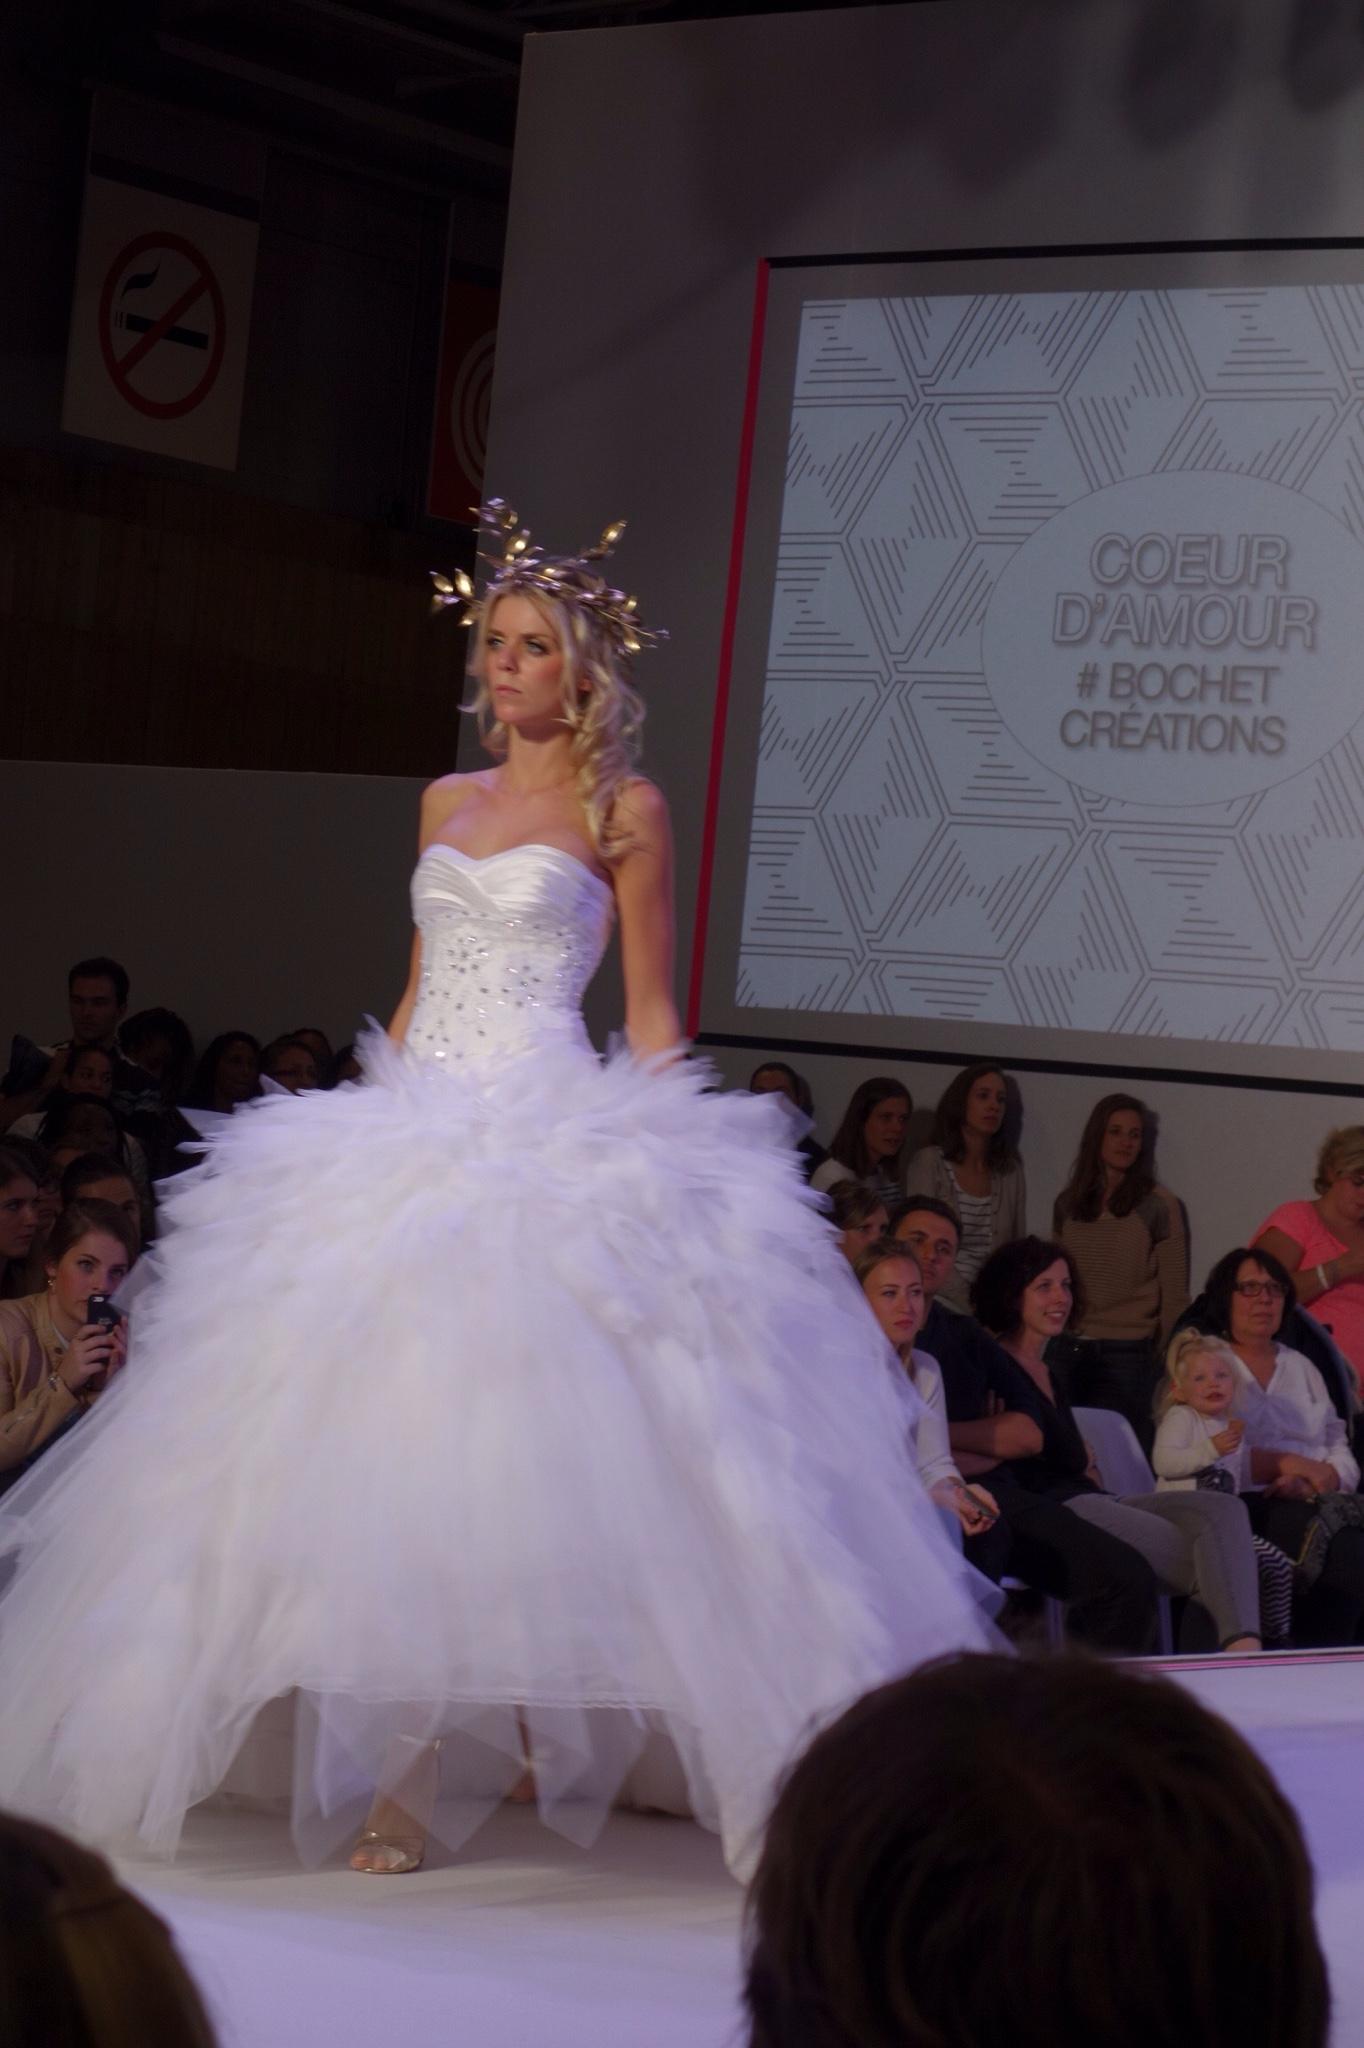 Le salon du mariage 2015 paris blog les folies d 39 alina - Salon du mariage caen 2015 ...